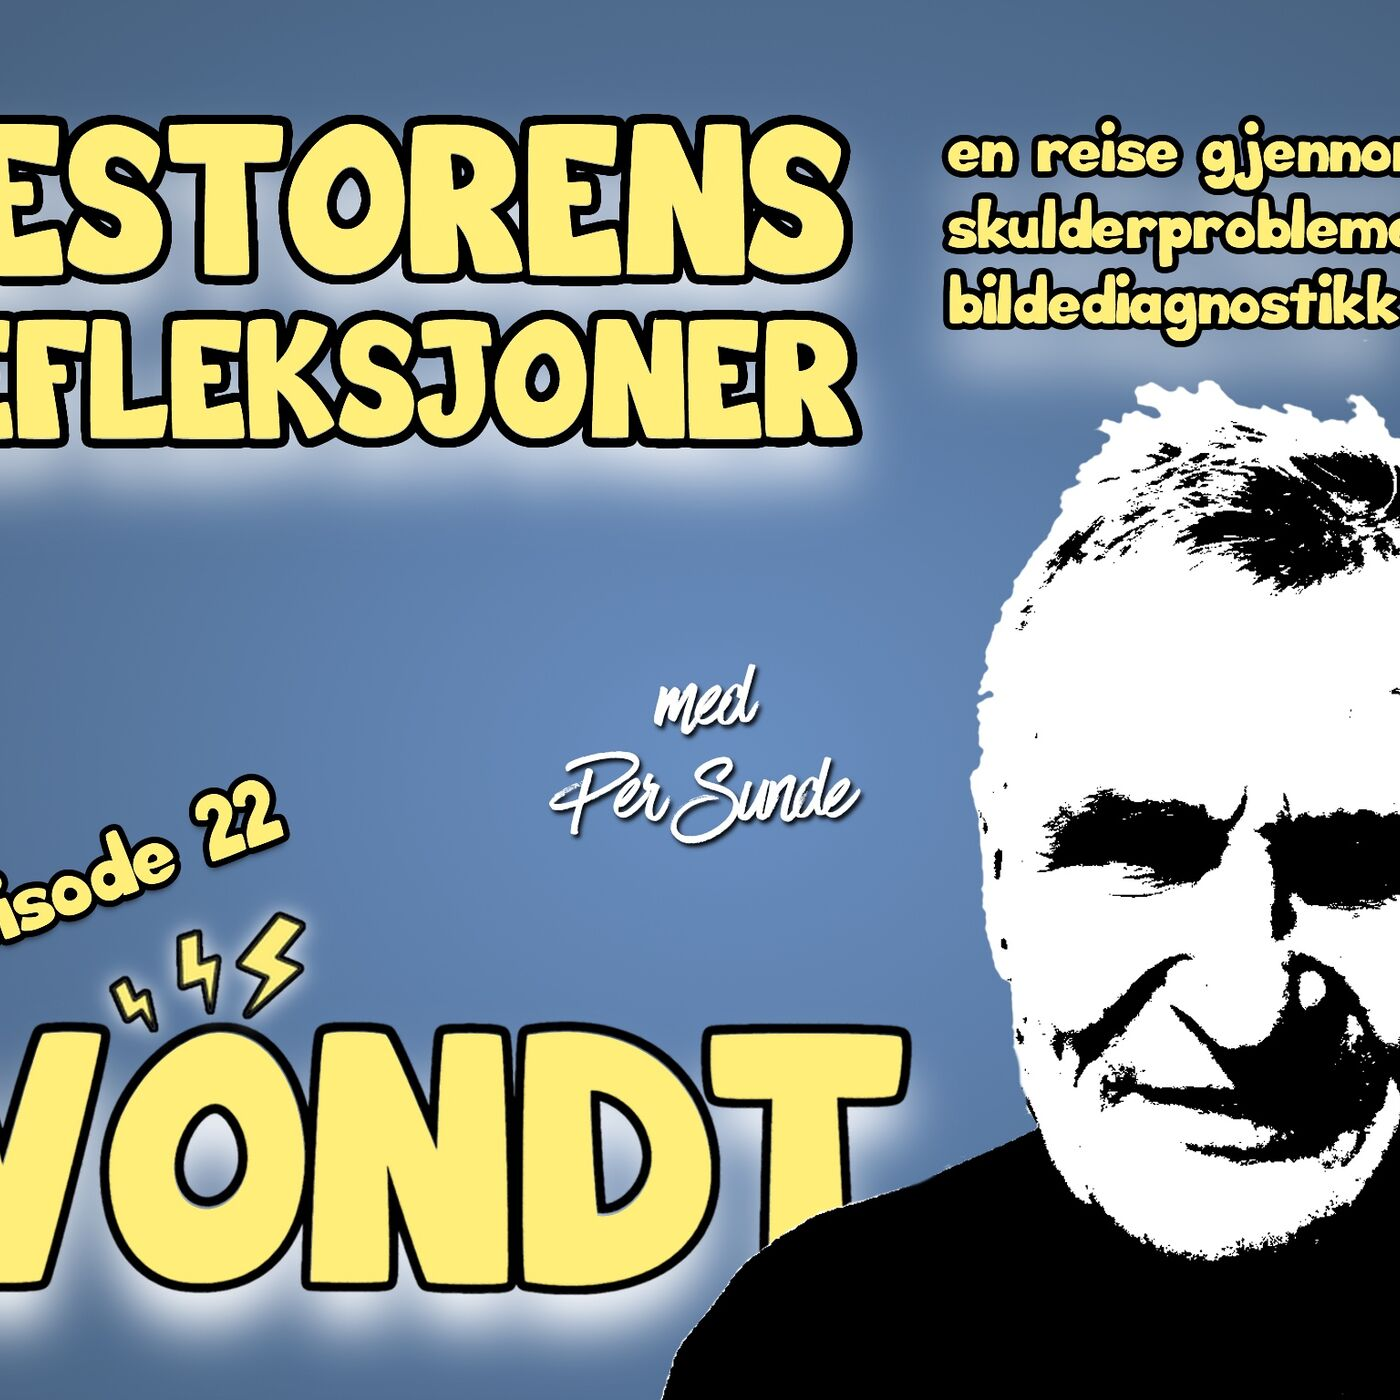 EP 22: Nestorens refleksjoner del 1 - med Per Sunde